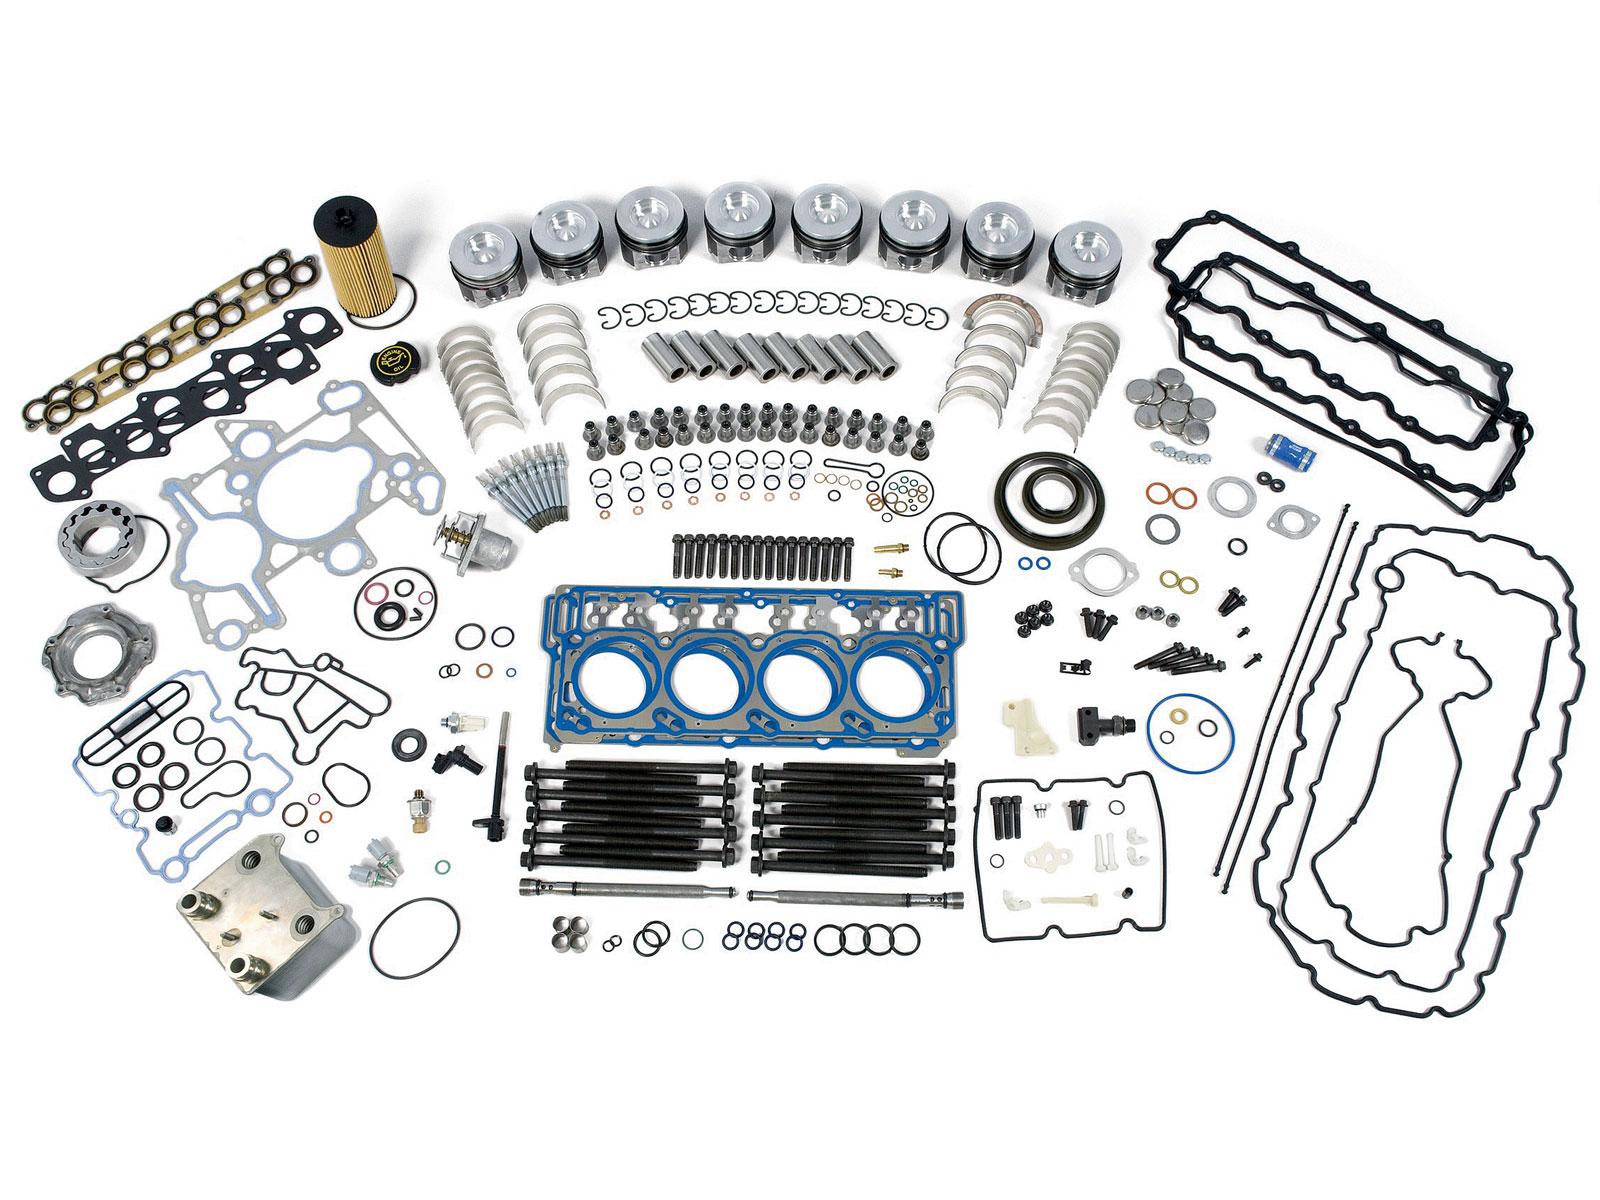 Excavator Piston 1 12111778 0 Isuzu 6bd1 For Sale Engine 6bb1 Diagram Manufacturer From China 101181491